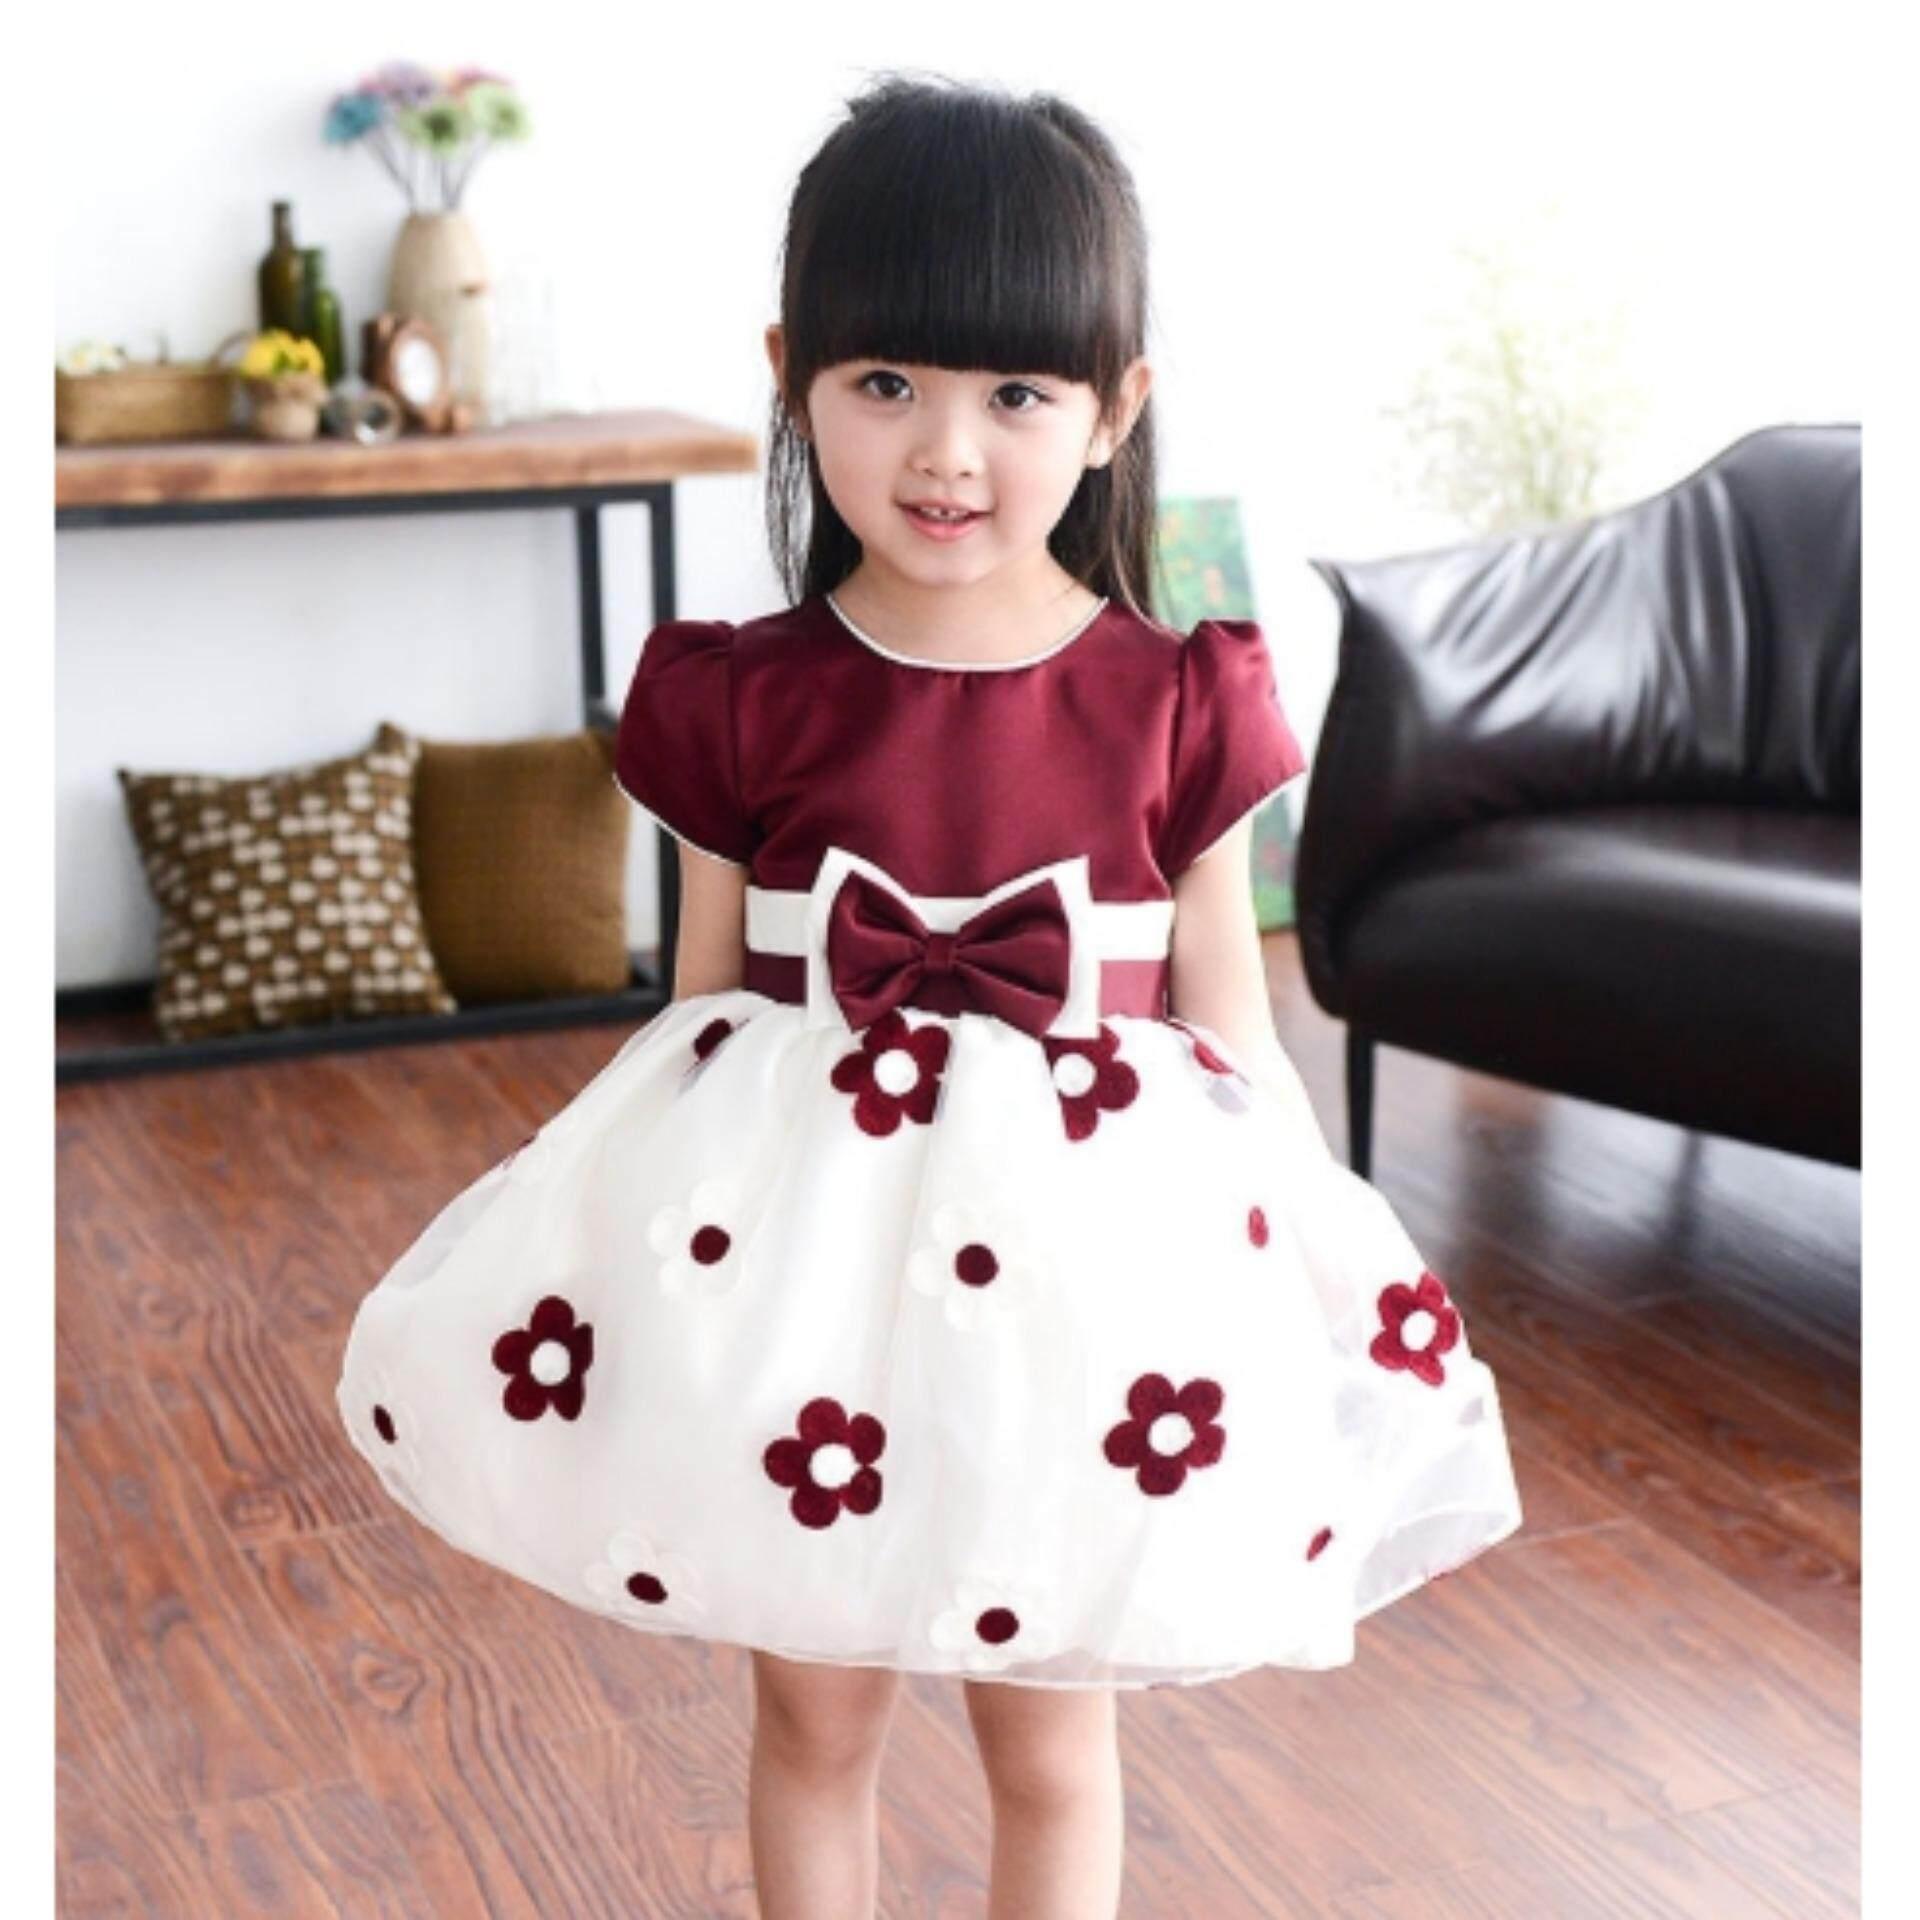 ชุดกระโปรงเด็กผู้หญิง Kids Clothes ลายดอกไม้สุดสวย ไซส์ 70-140 ซม./6 เดือน-10 ปี By Pae Kids Shop.